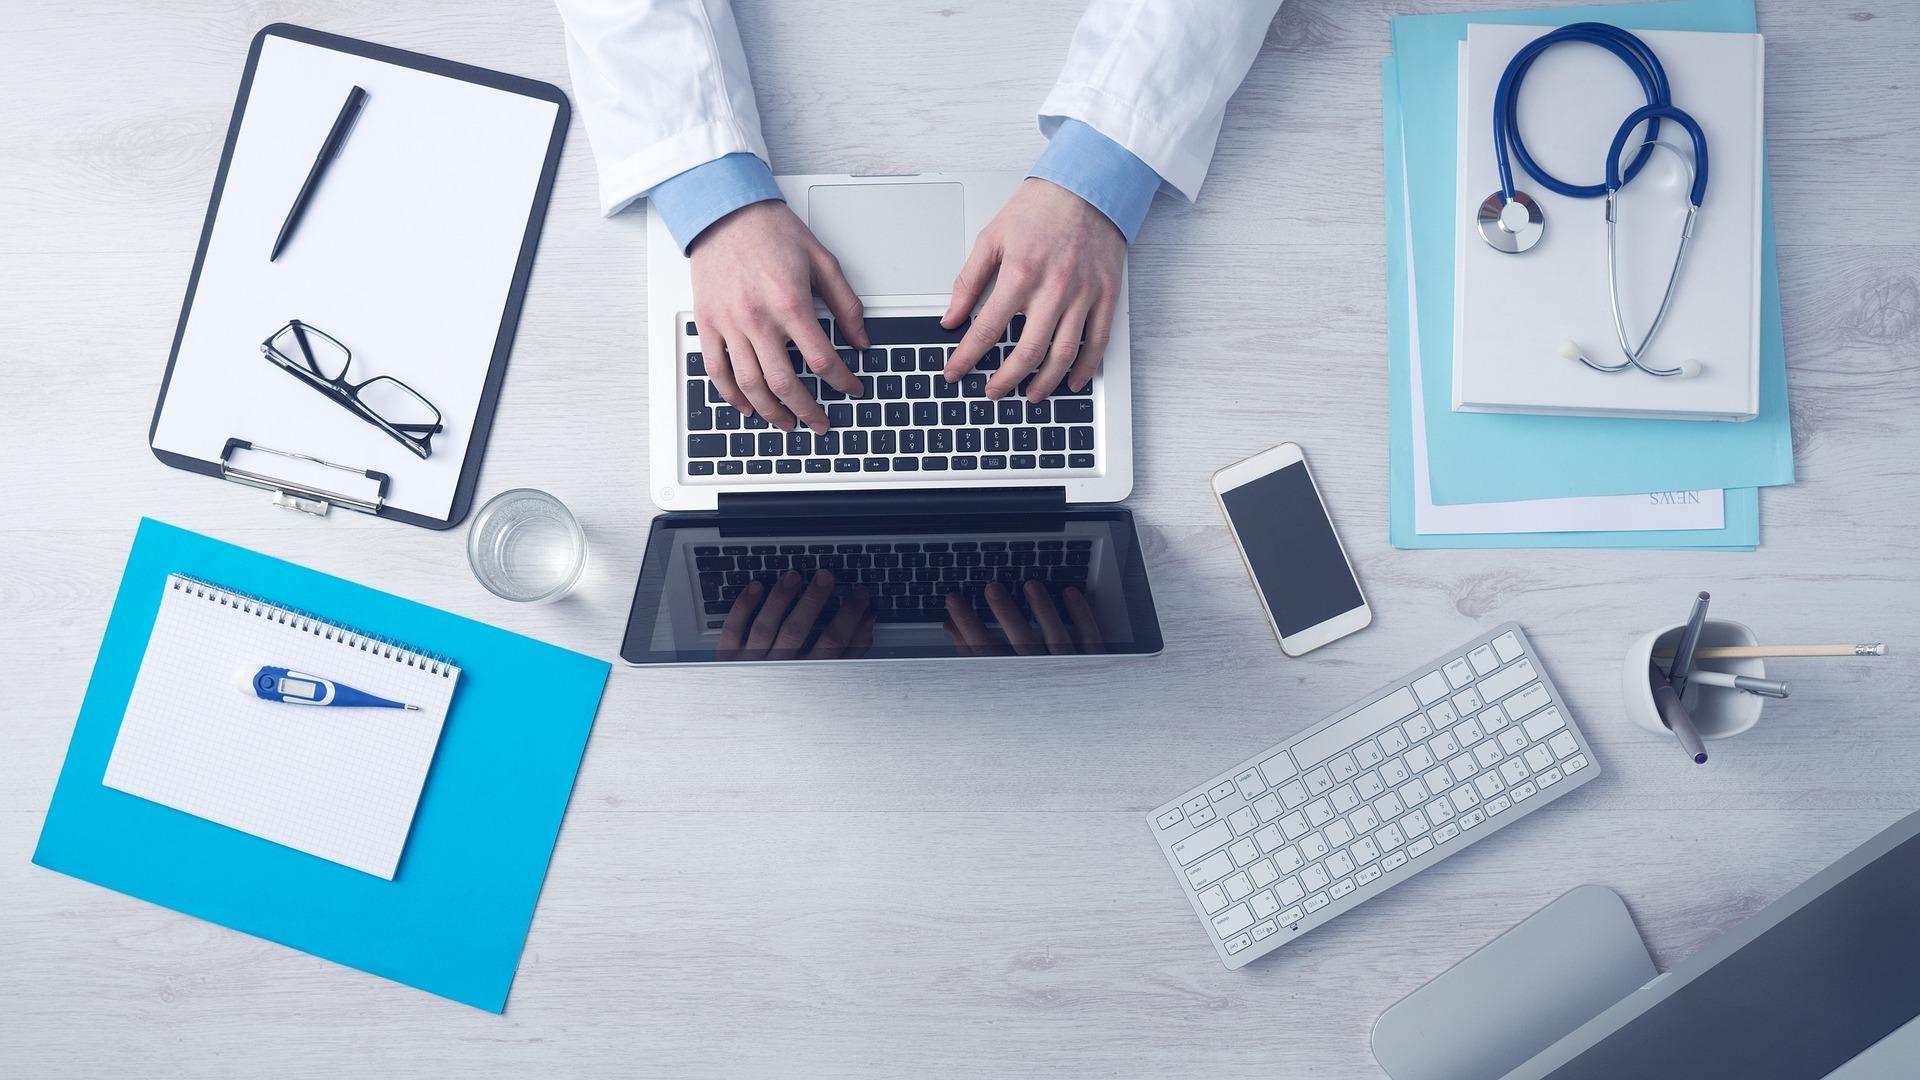 Mains de médecin sur un ordinateur avec lunettes, stethoscope, crayon, termomètre et blocs notes